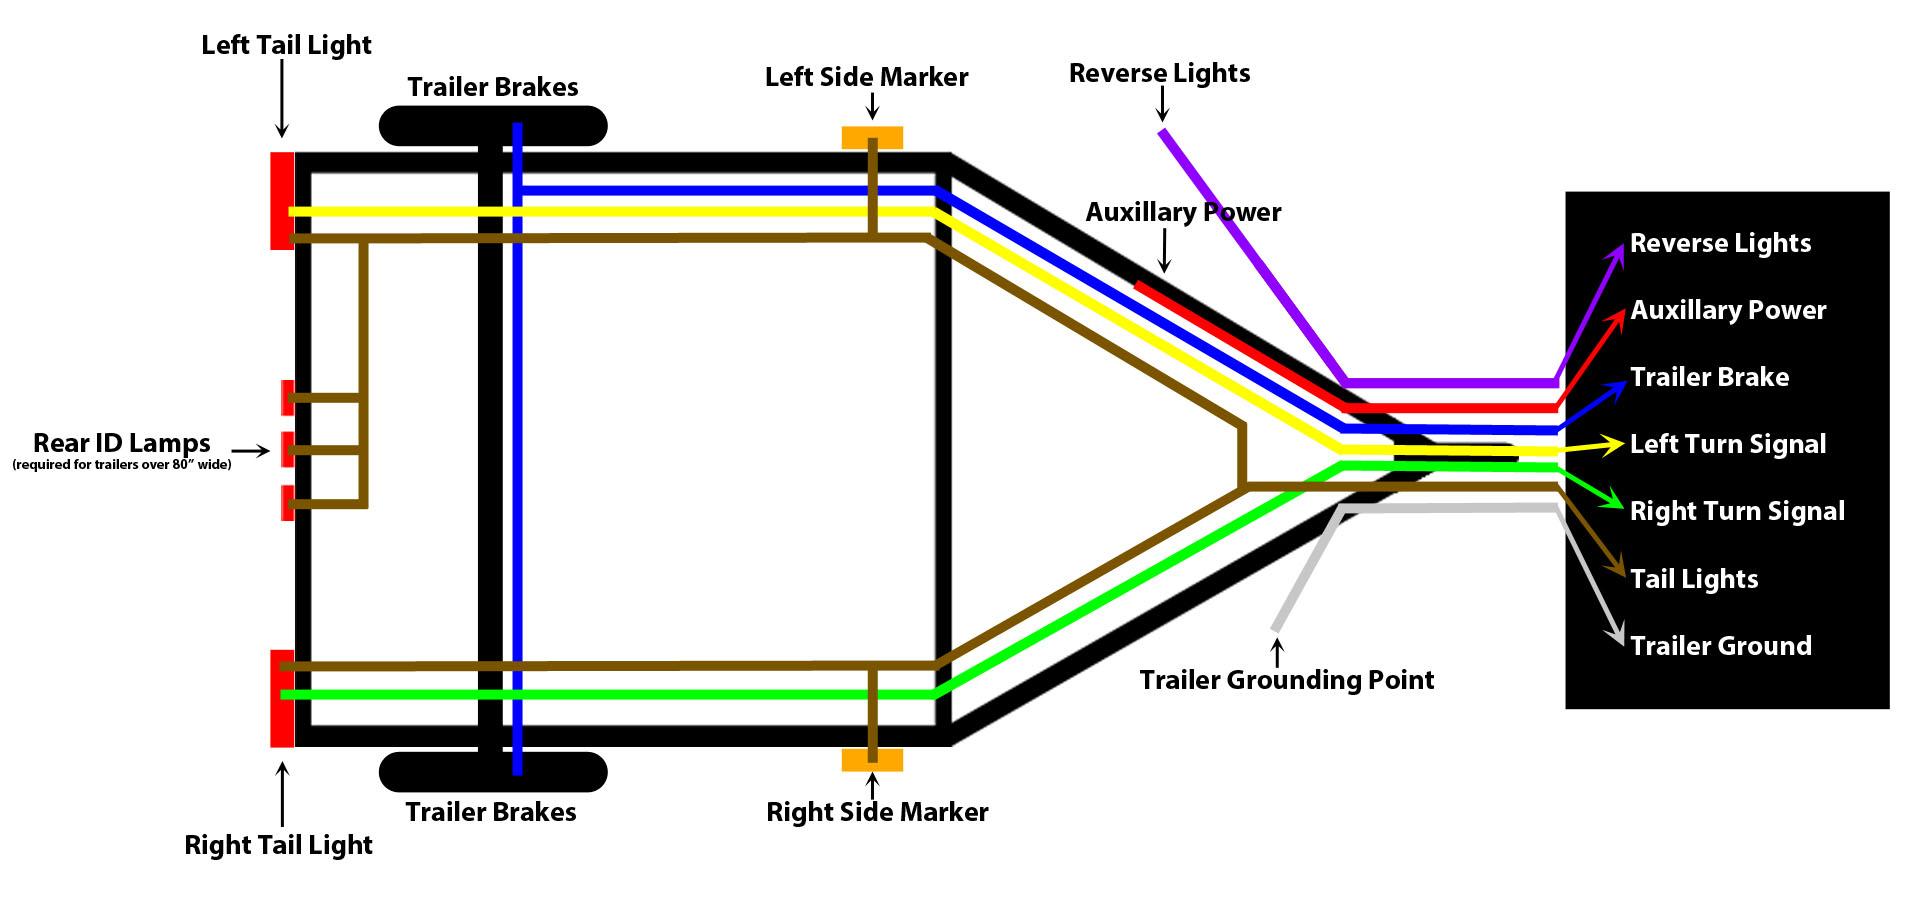 wiring diagram trailer lights zen diagram : trailer lighting diagram - findchart.co